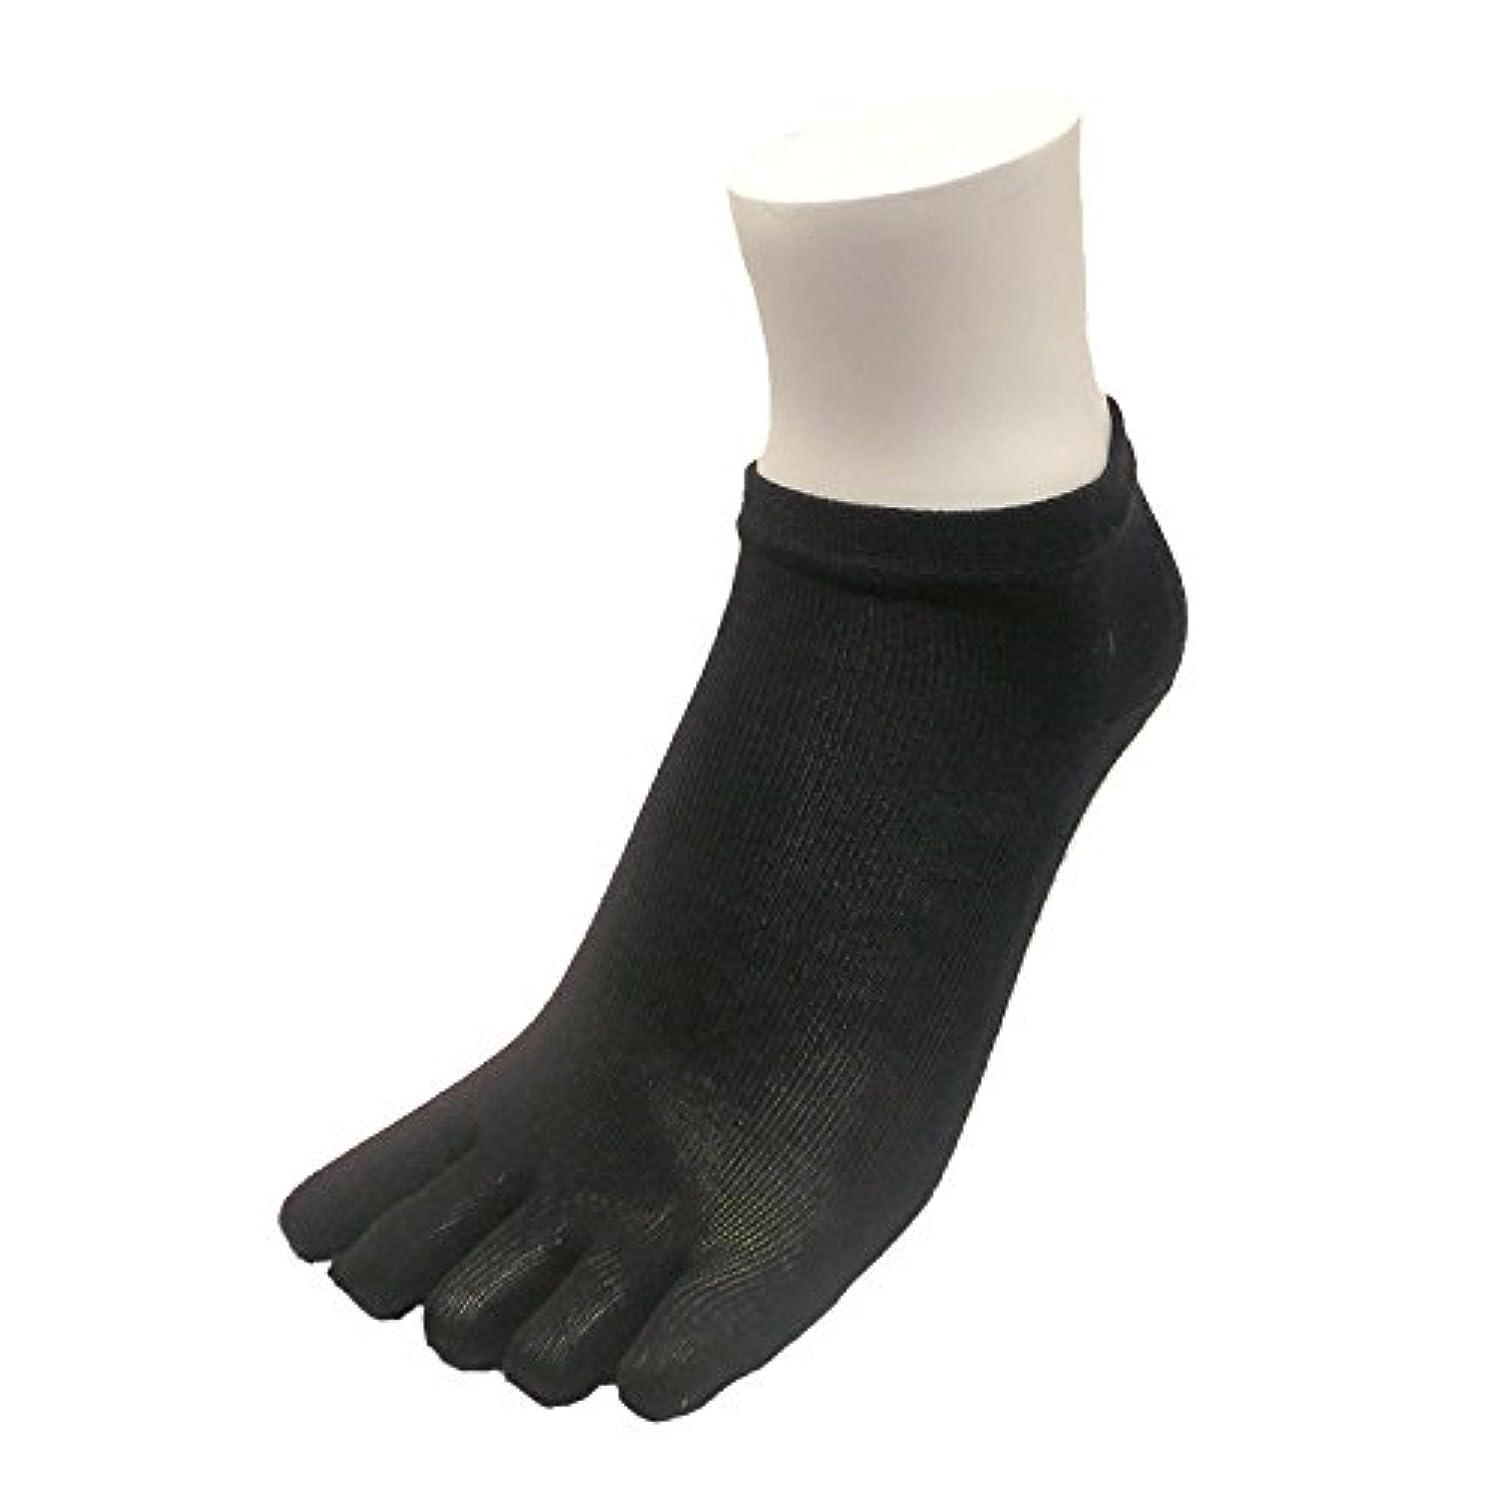 ラフ睡眠タブレットヒロイックシルク 五本指 ソックス 23-25cm 日本製 (ブラック3足セット)絹 靴下